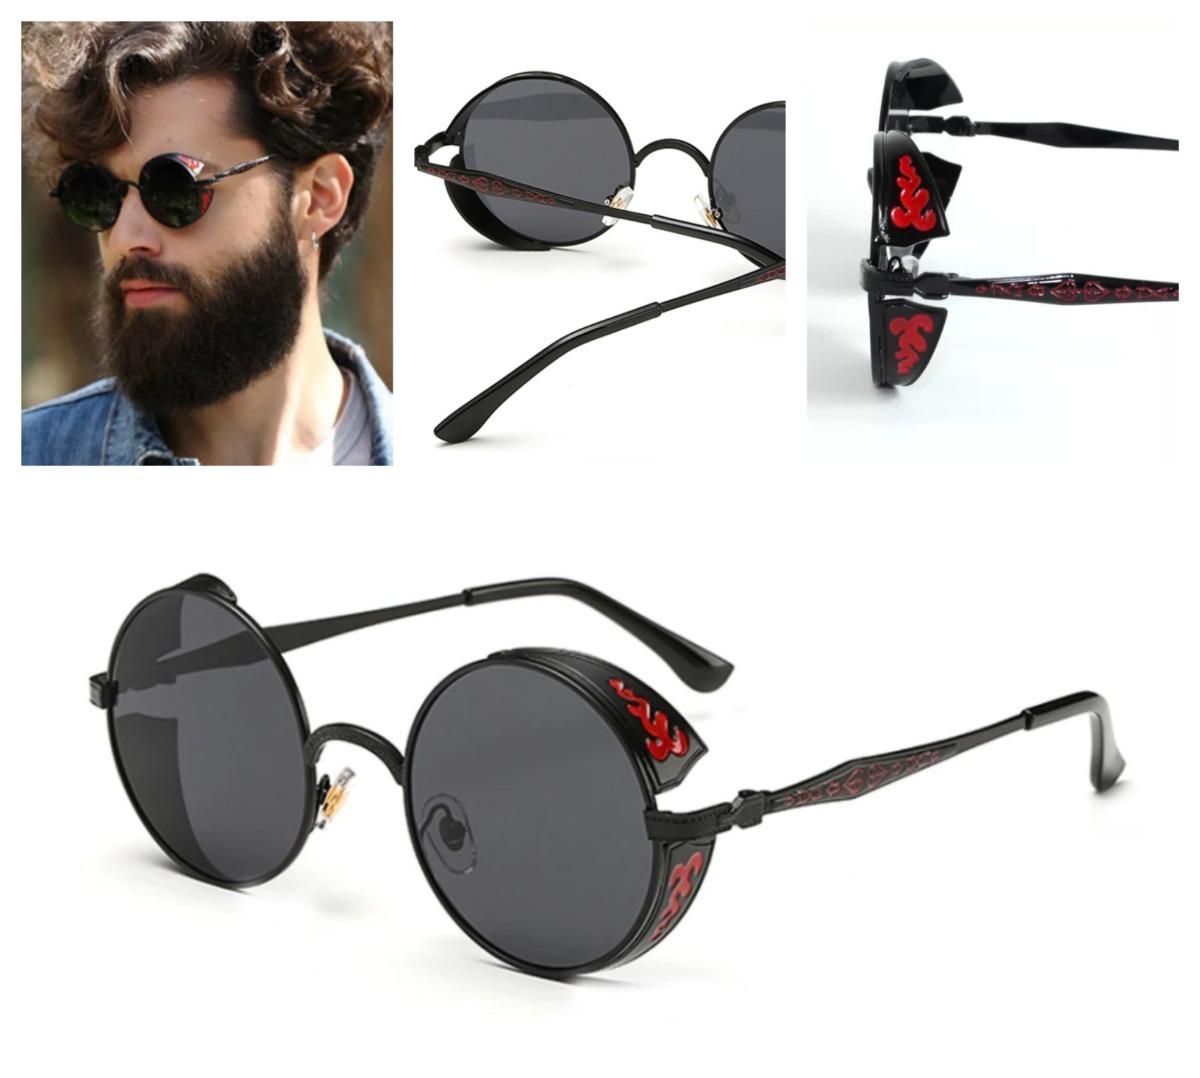 402f3ca087 lentes gafas de sol redondos retro steampunk con laterales. Cargando zoom.